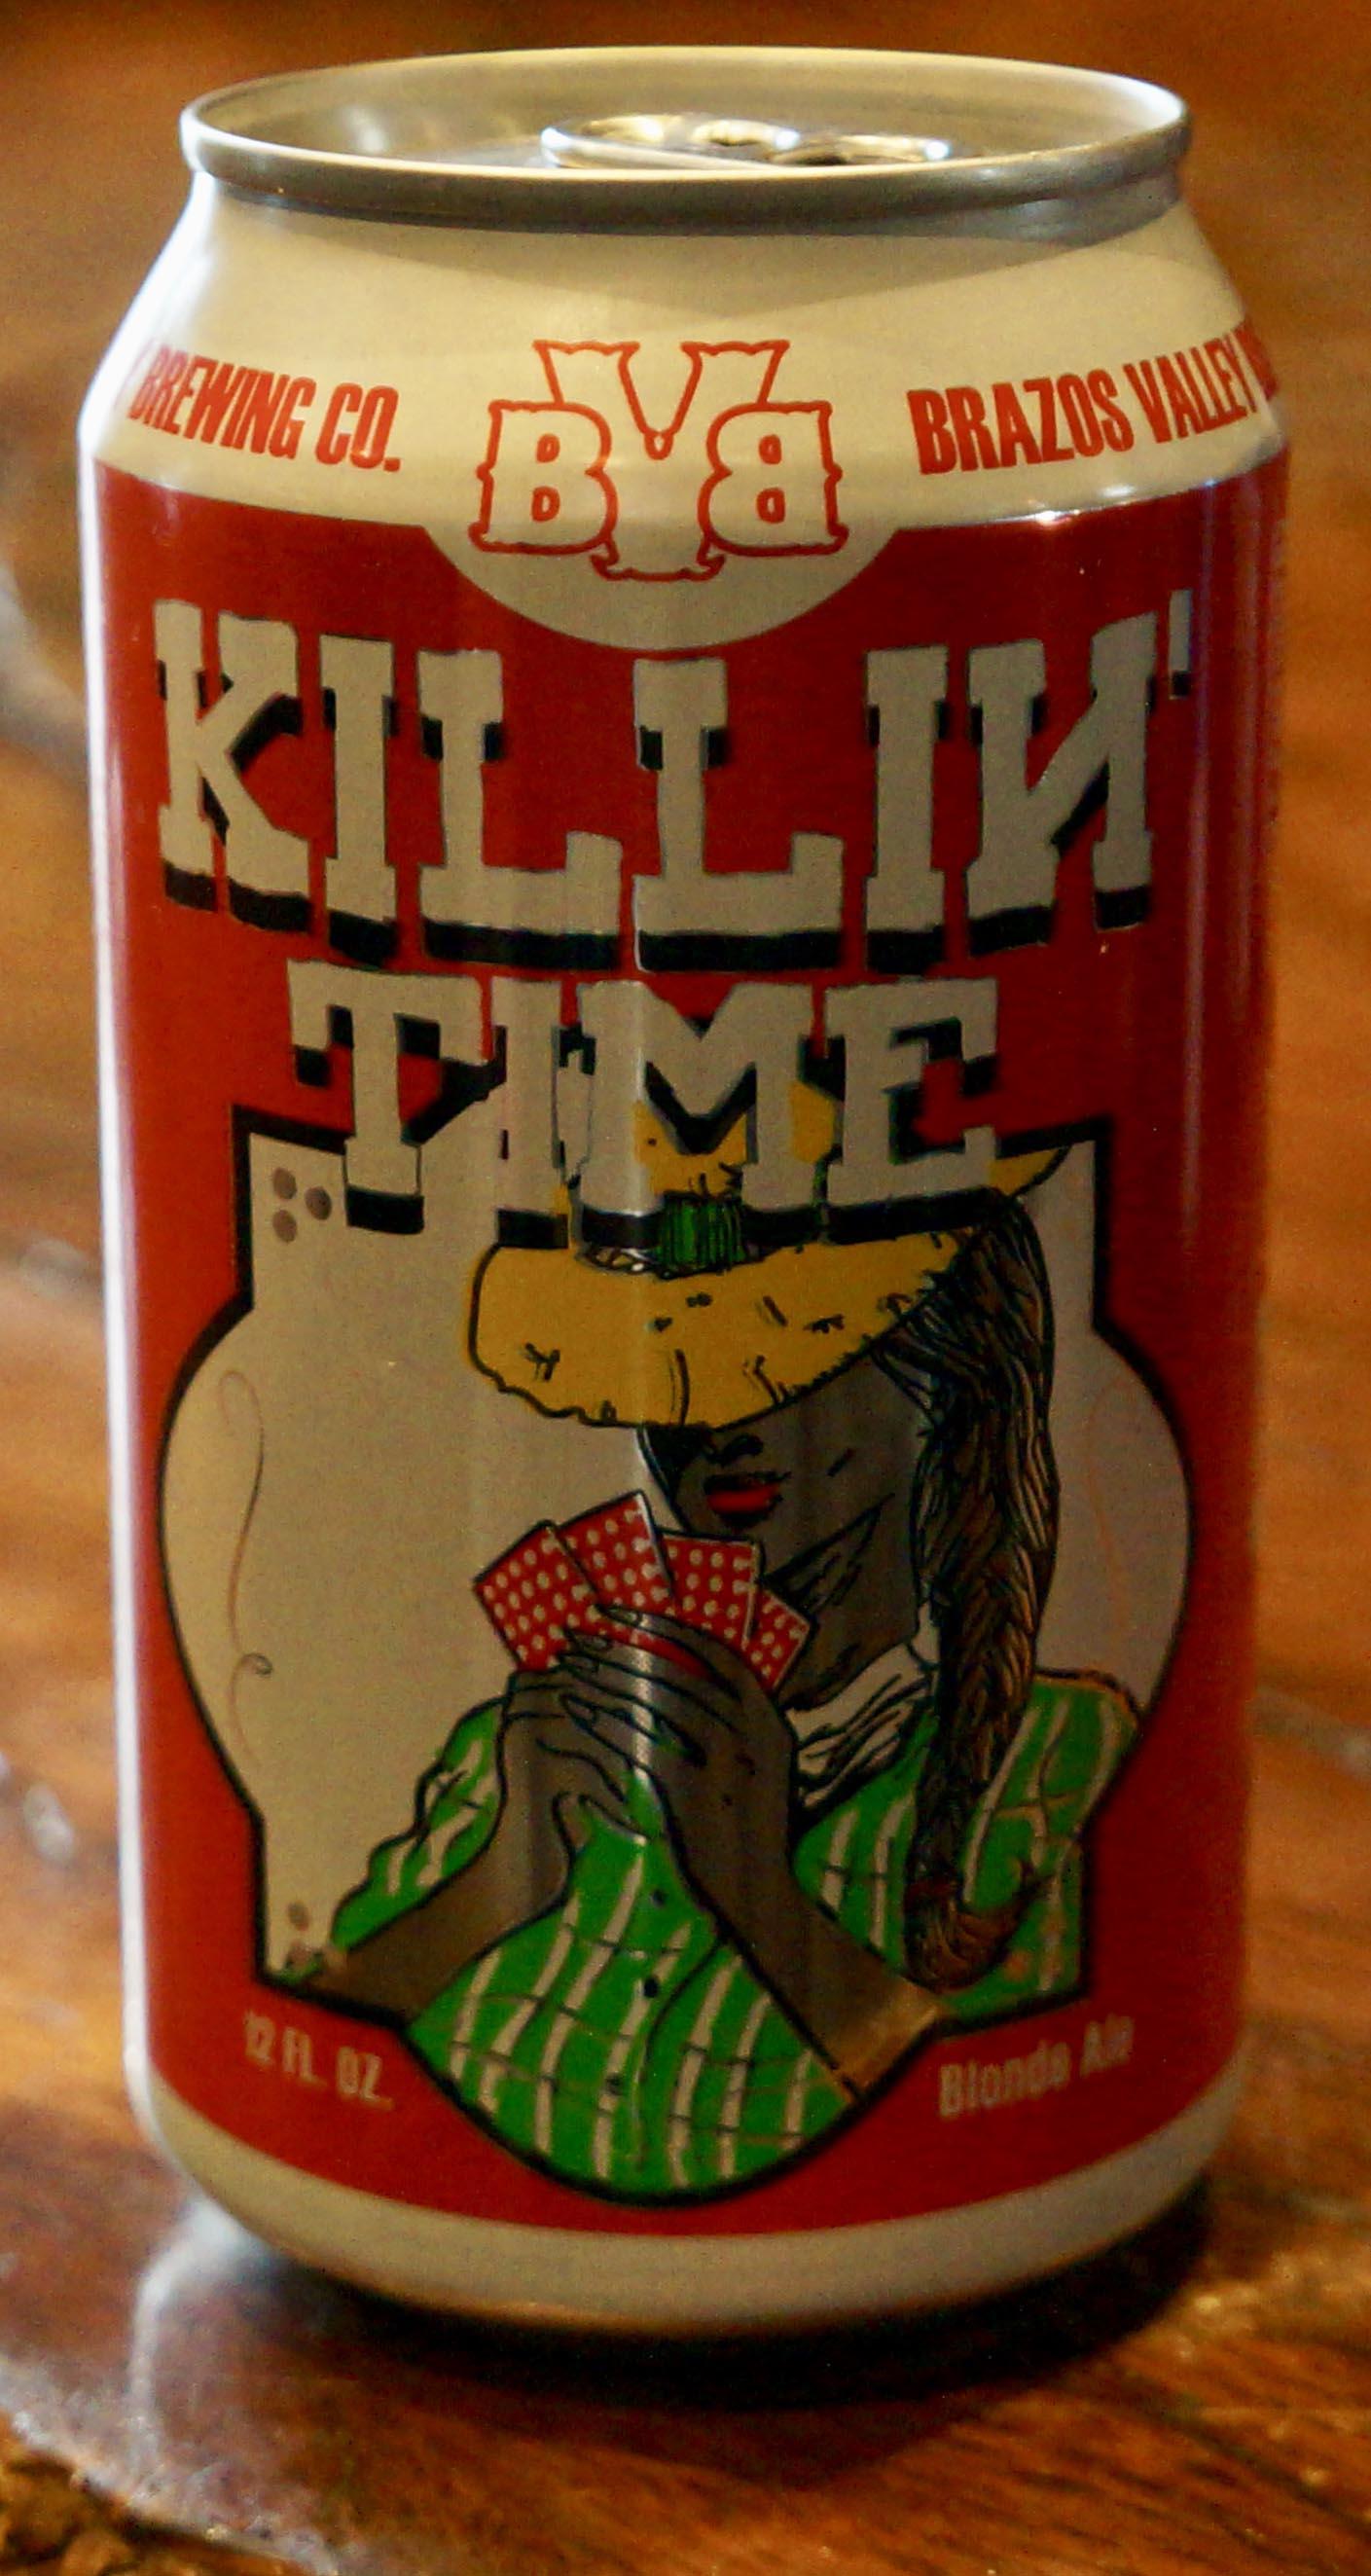 BVB_Killin Time.jpg